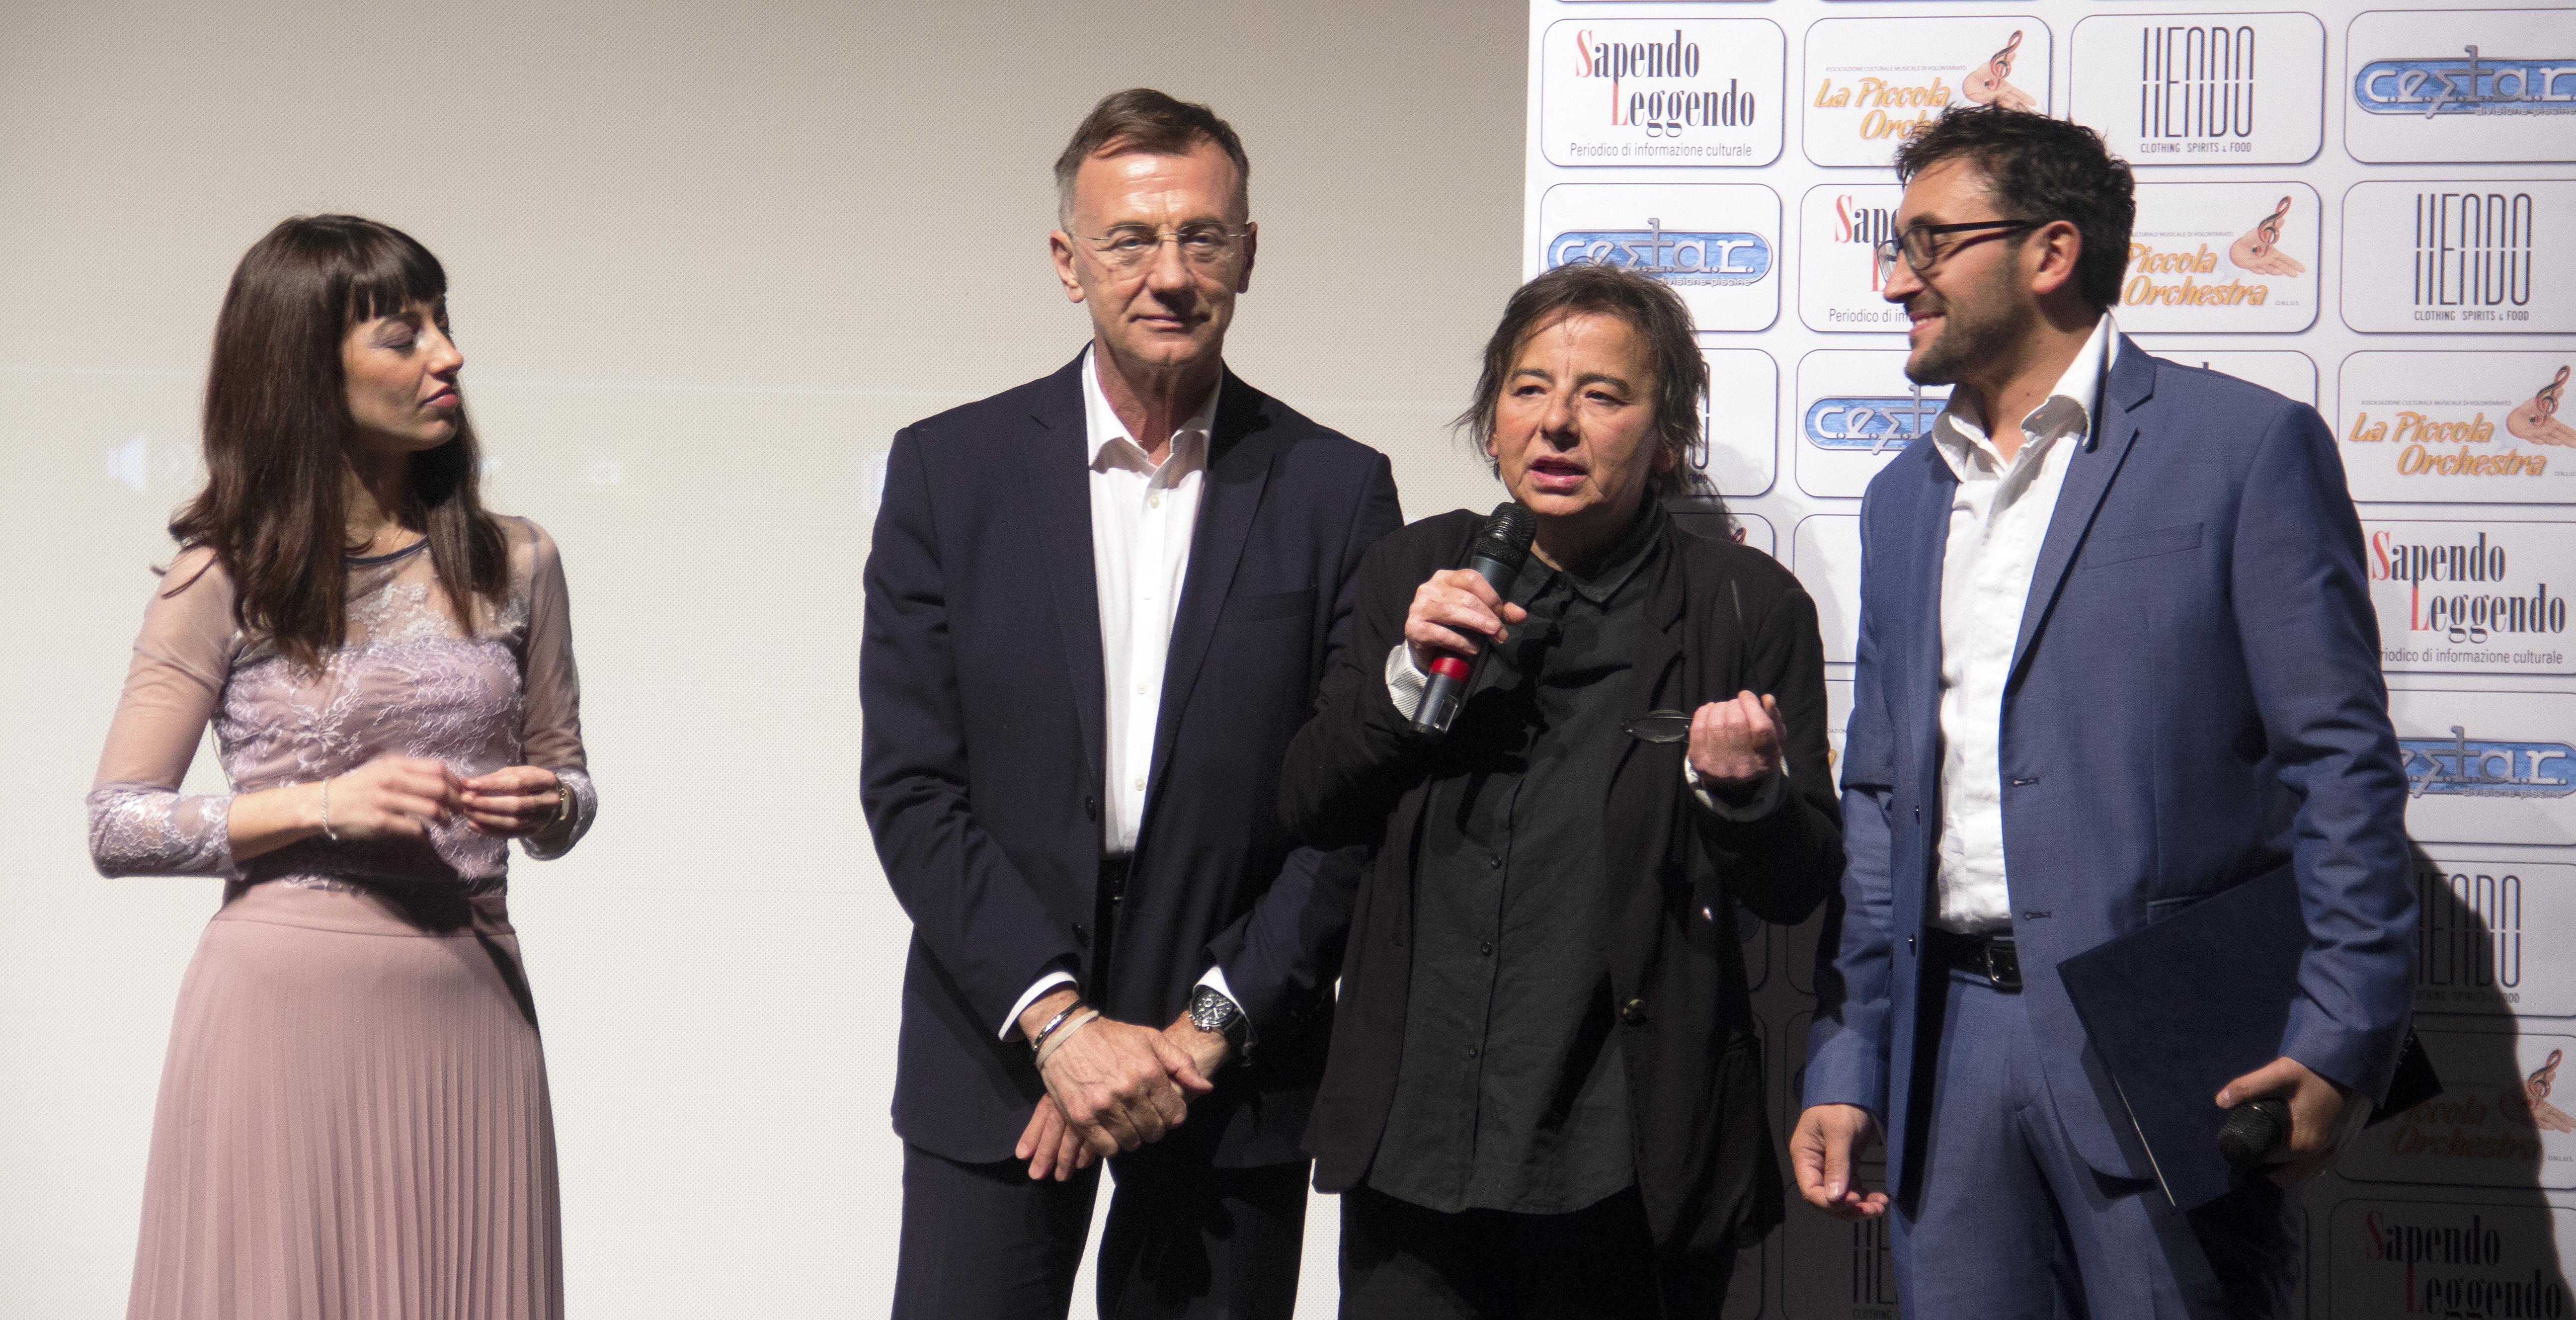 Claudia Vigato-Michele Cucuzza-Maria Rossi-Salvatore Lanno